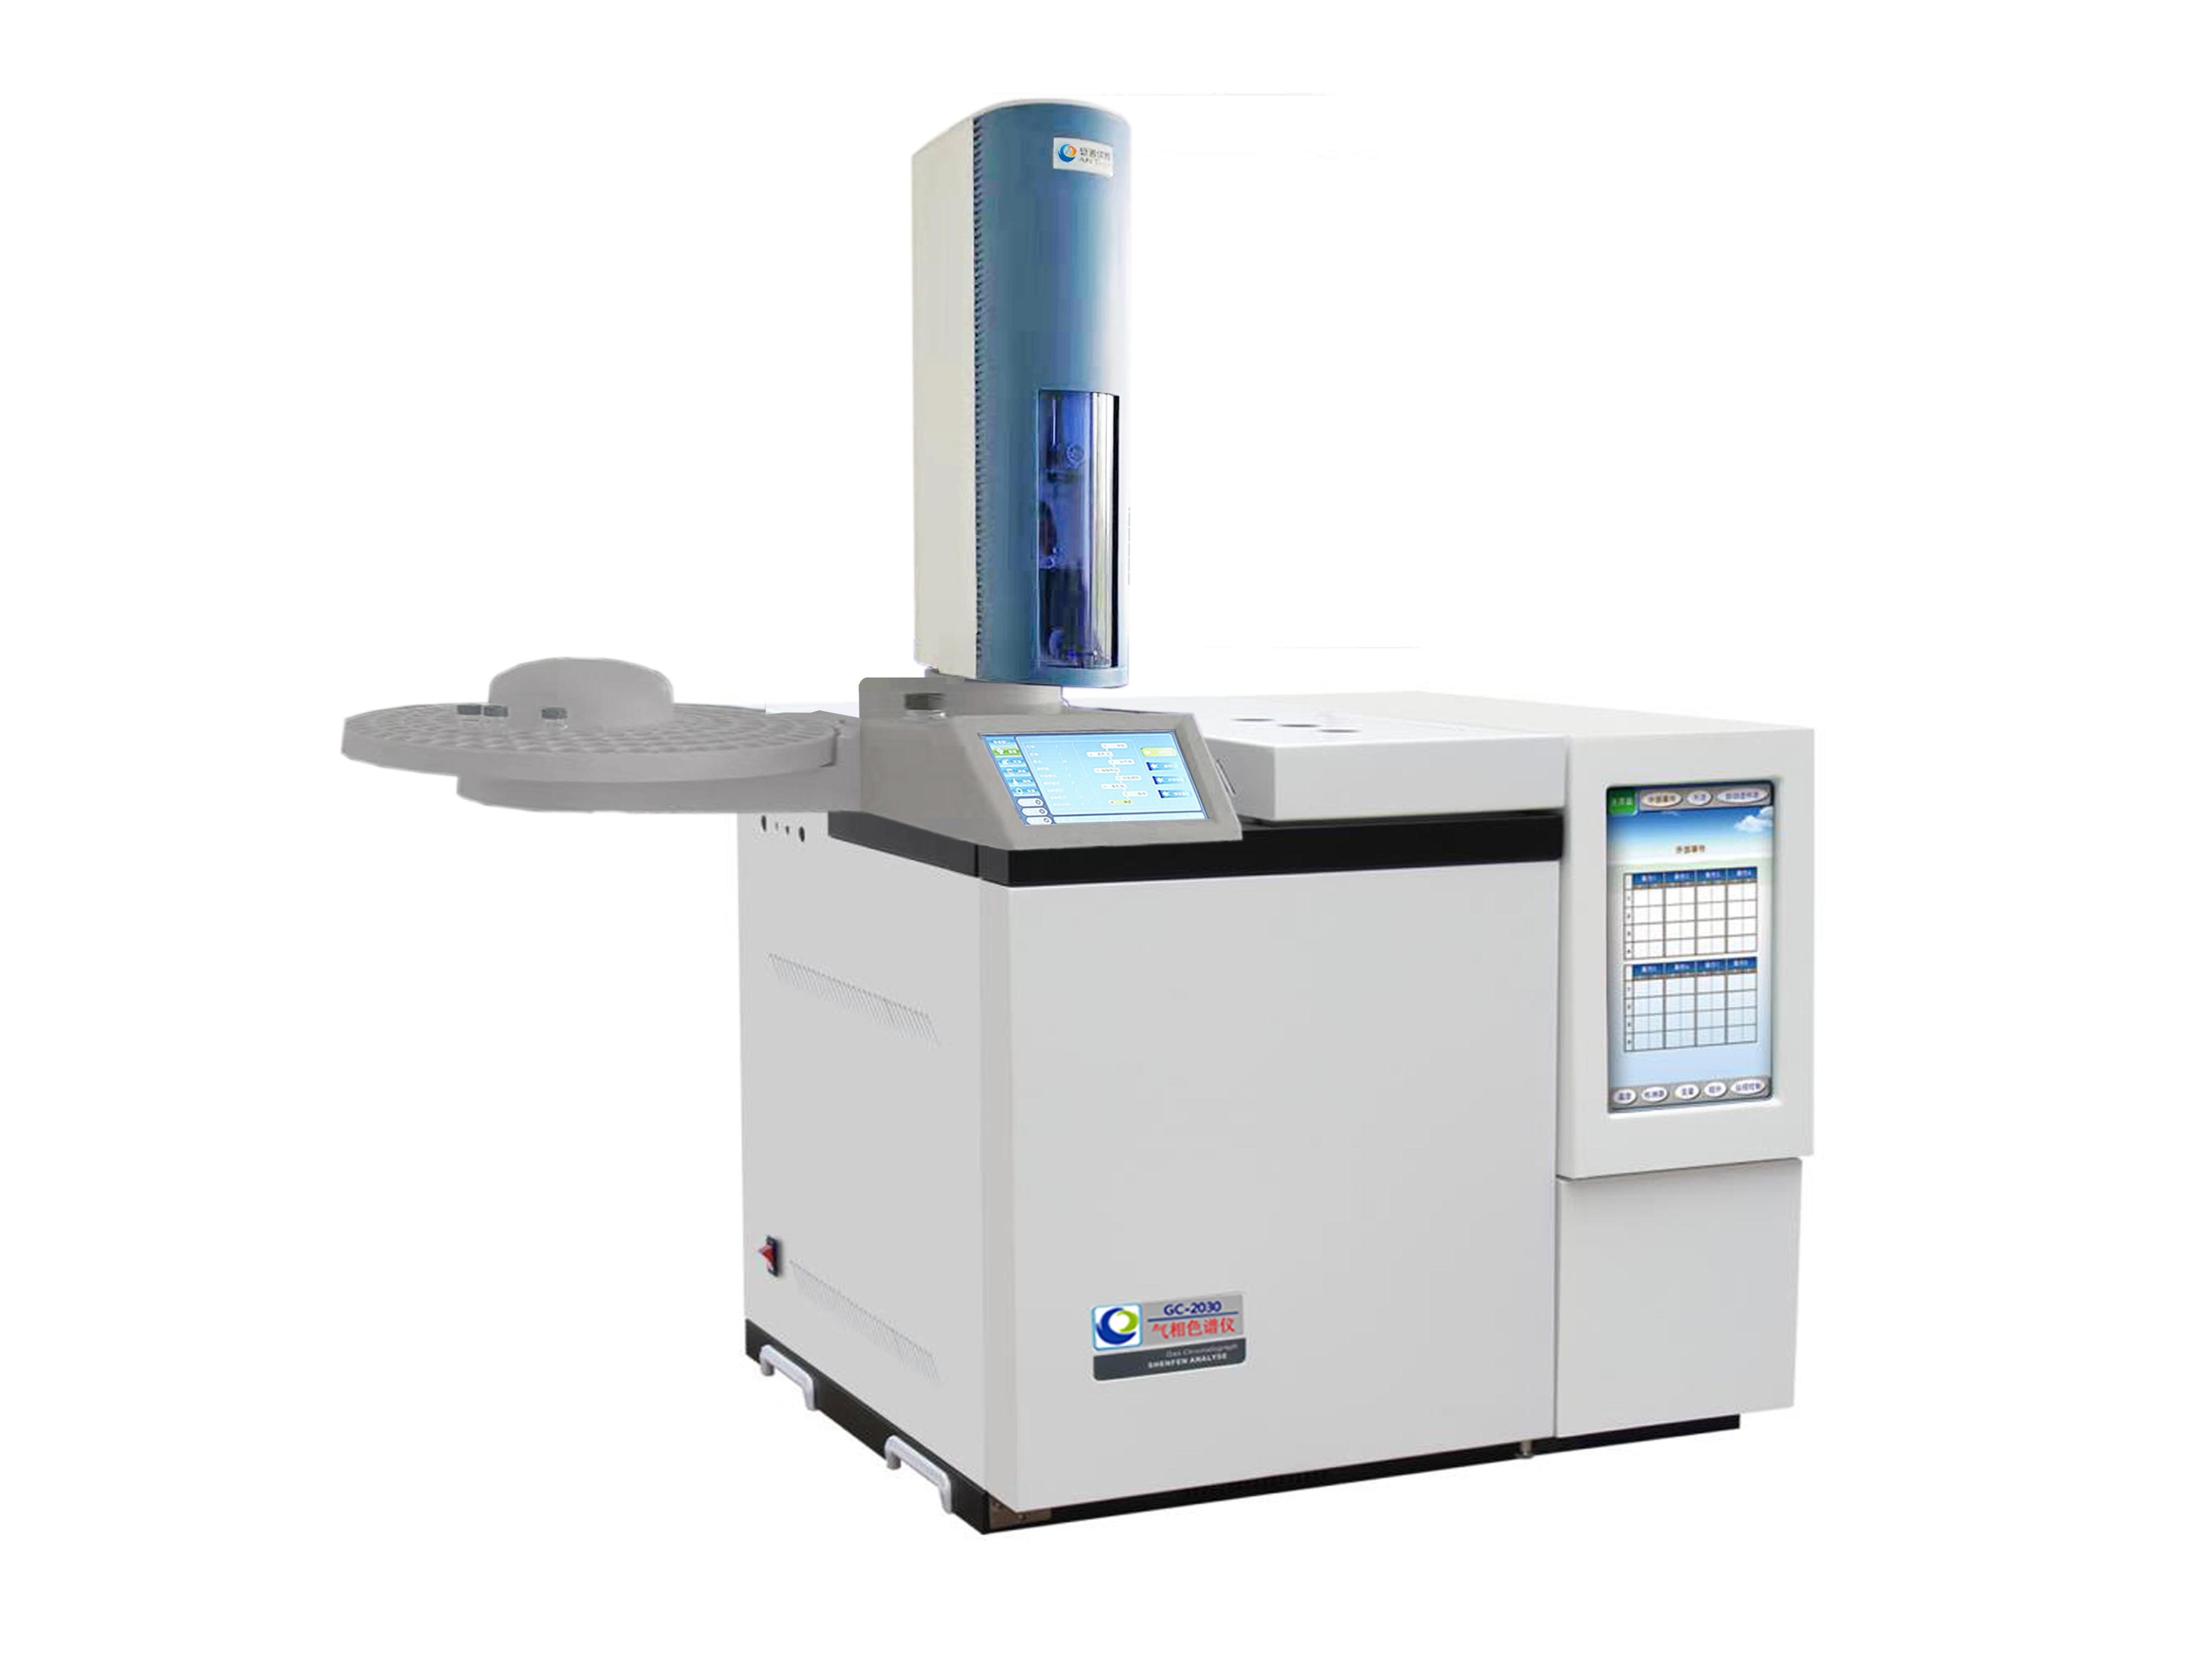 润扬仪器和大家共同探讨气相色谱仪分析方法的步骤建立